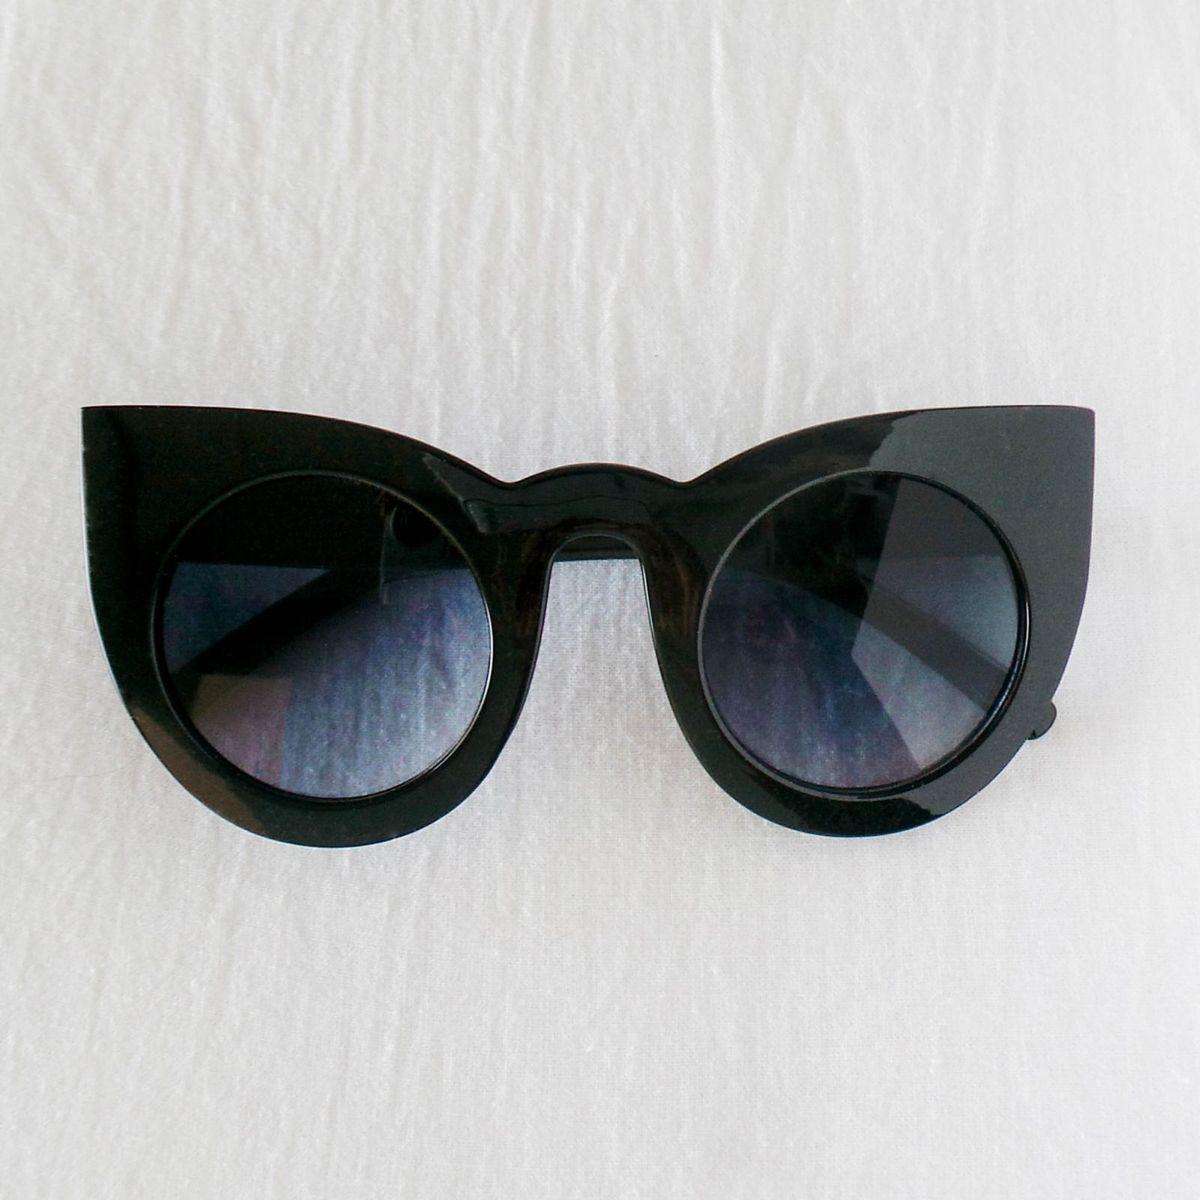 óculos retro gatinho preto - óculos surtacor.  Czm6ly9wag90b3muzw5qb2vplmnvbs5ici9wcm9kdwn0cy81ndezotgxlzg1y2u2zwnhmje5otiwndvknmuxmjcxyzm2yjm0mtnmlmpwzw  ... 334a21111c